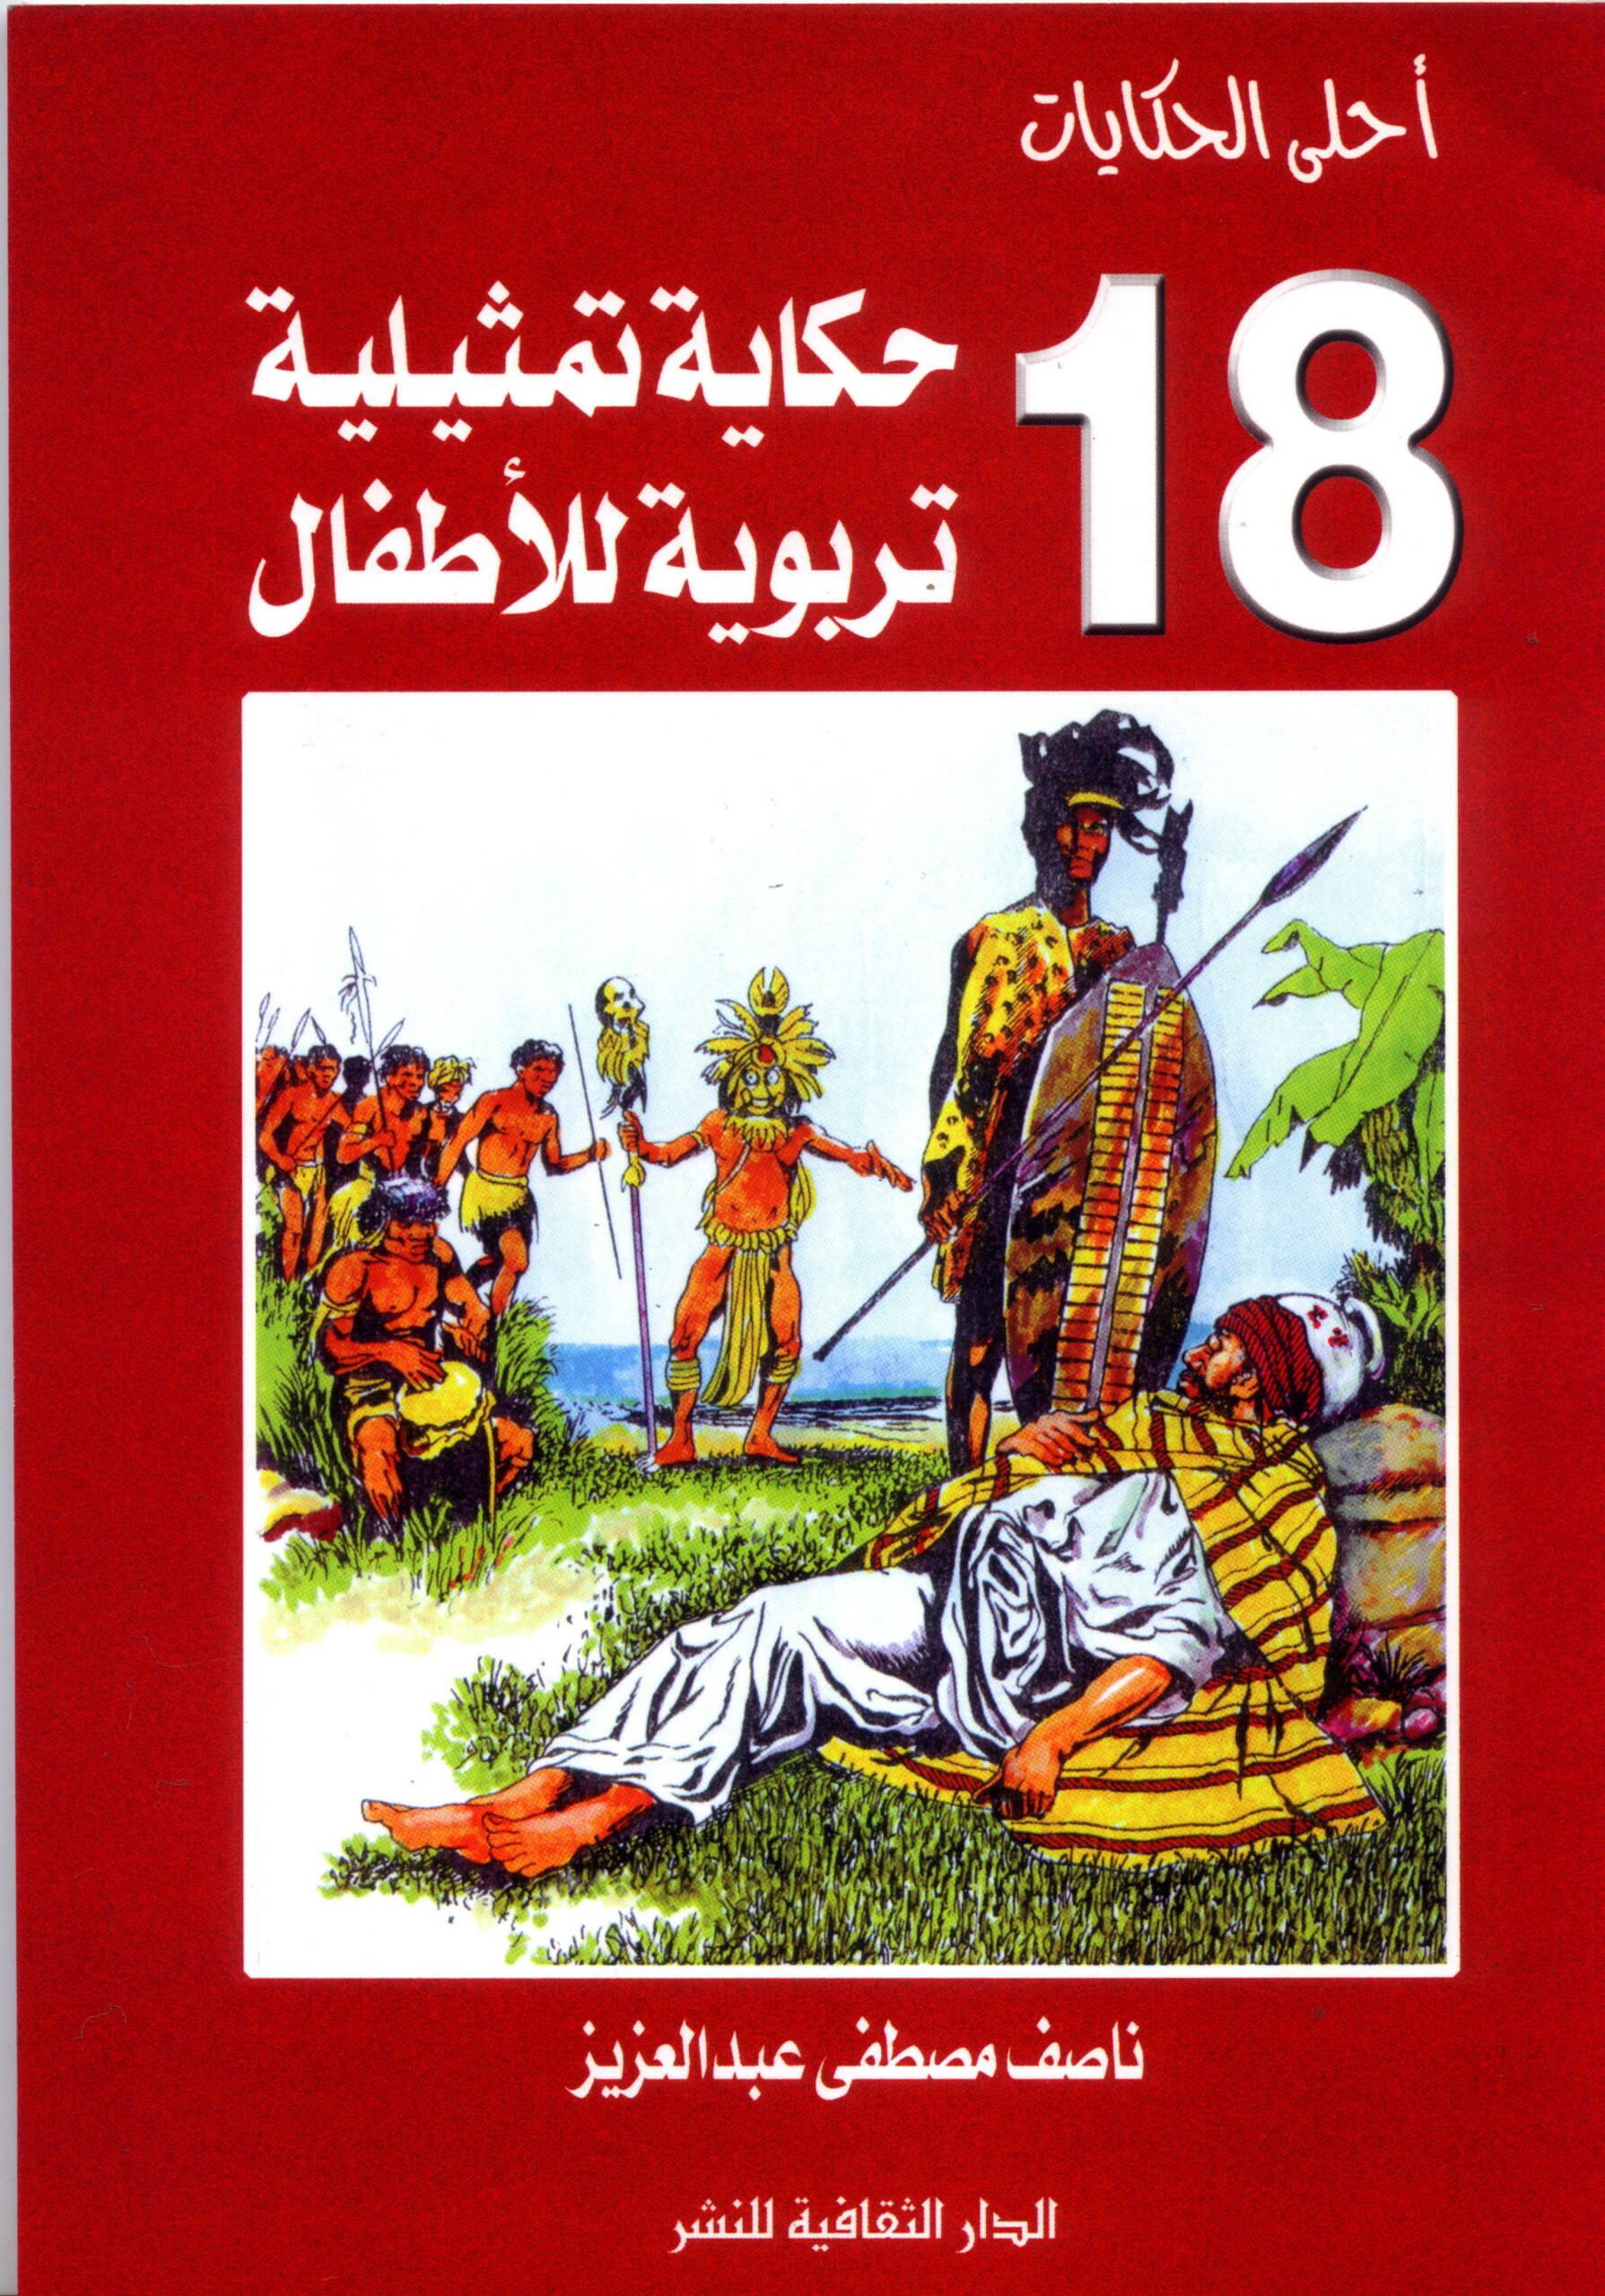 أحلى الحكايات – ثمانية عشر حكاية تمثيلية تربوية للأطفال